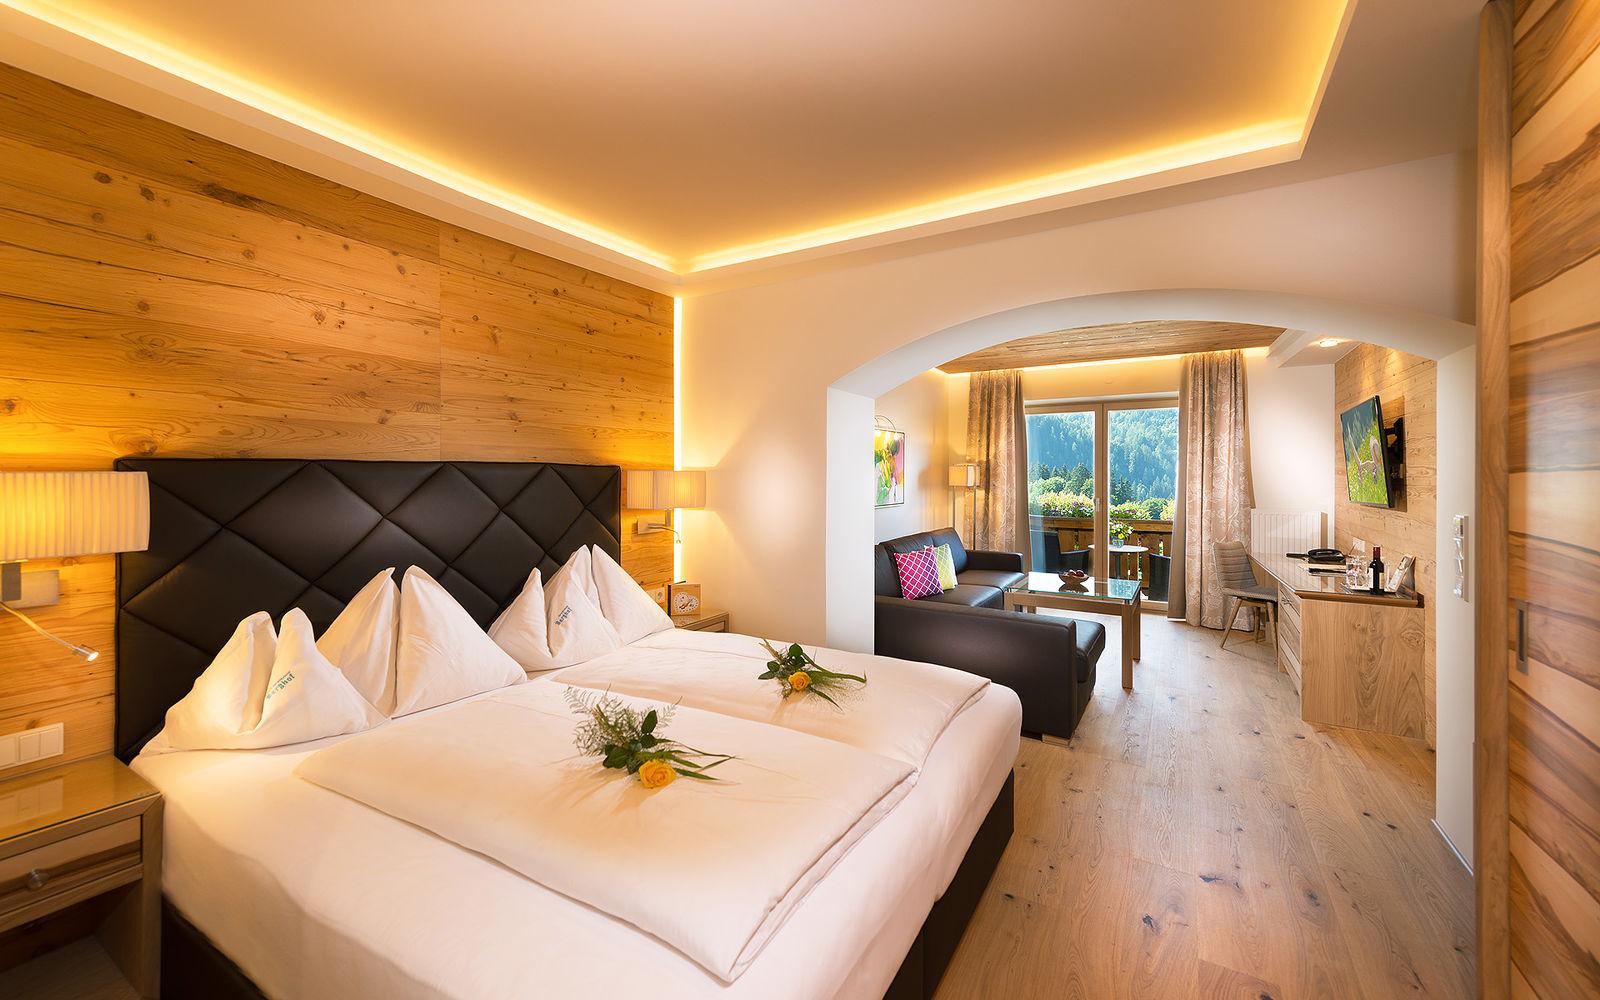 verw hnhotel berghof s in st johann im pongau ihr top 4 sterne superior wellnesshotel und. Black Bedroom Furniture Sets. Home Design Ideas